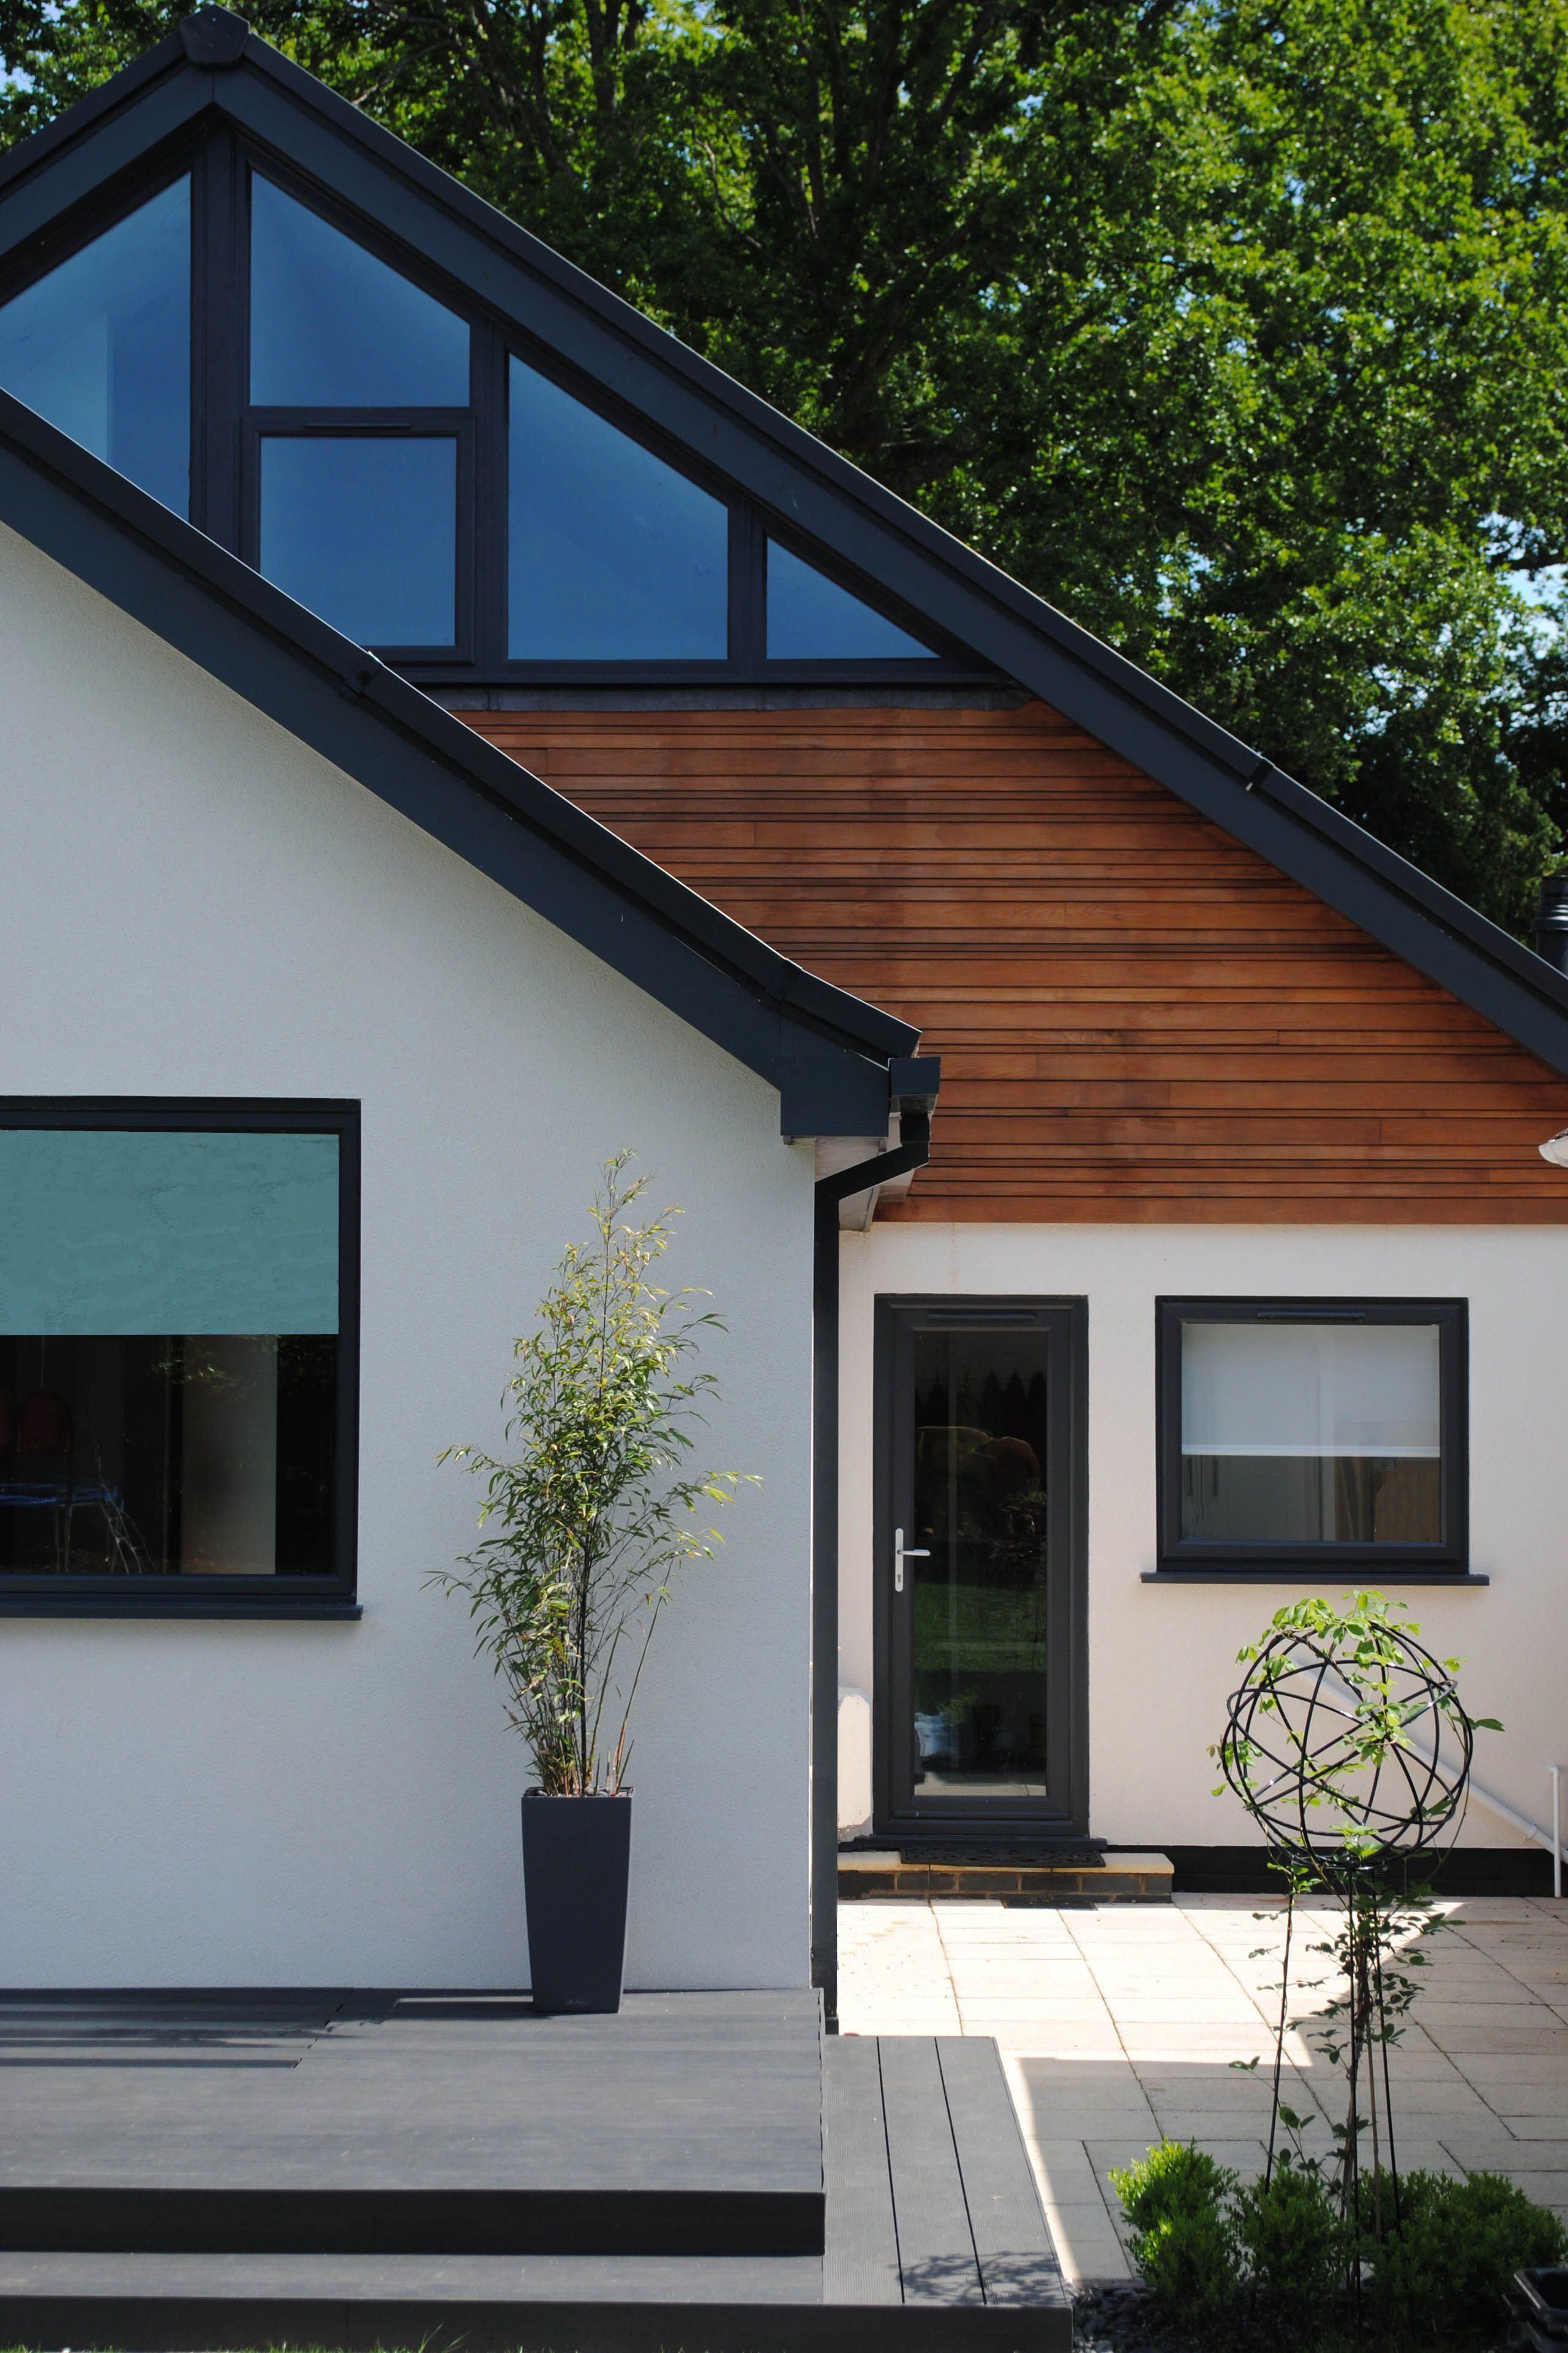 Contemporary Chalet Bungalow Conversion By La Hally: Garage Interior Design Ideas